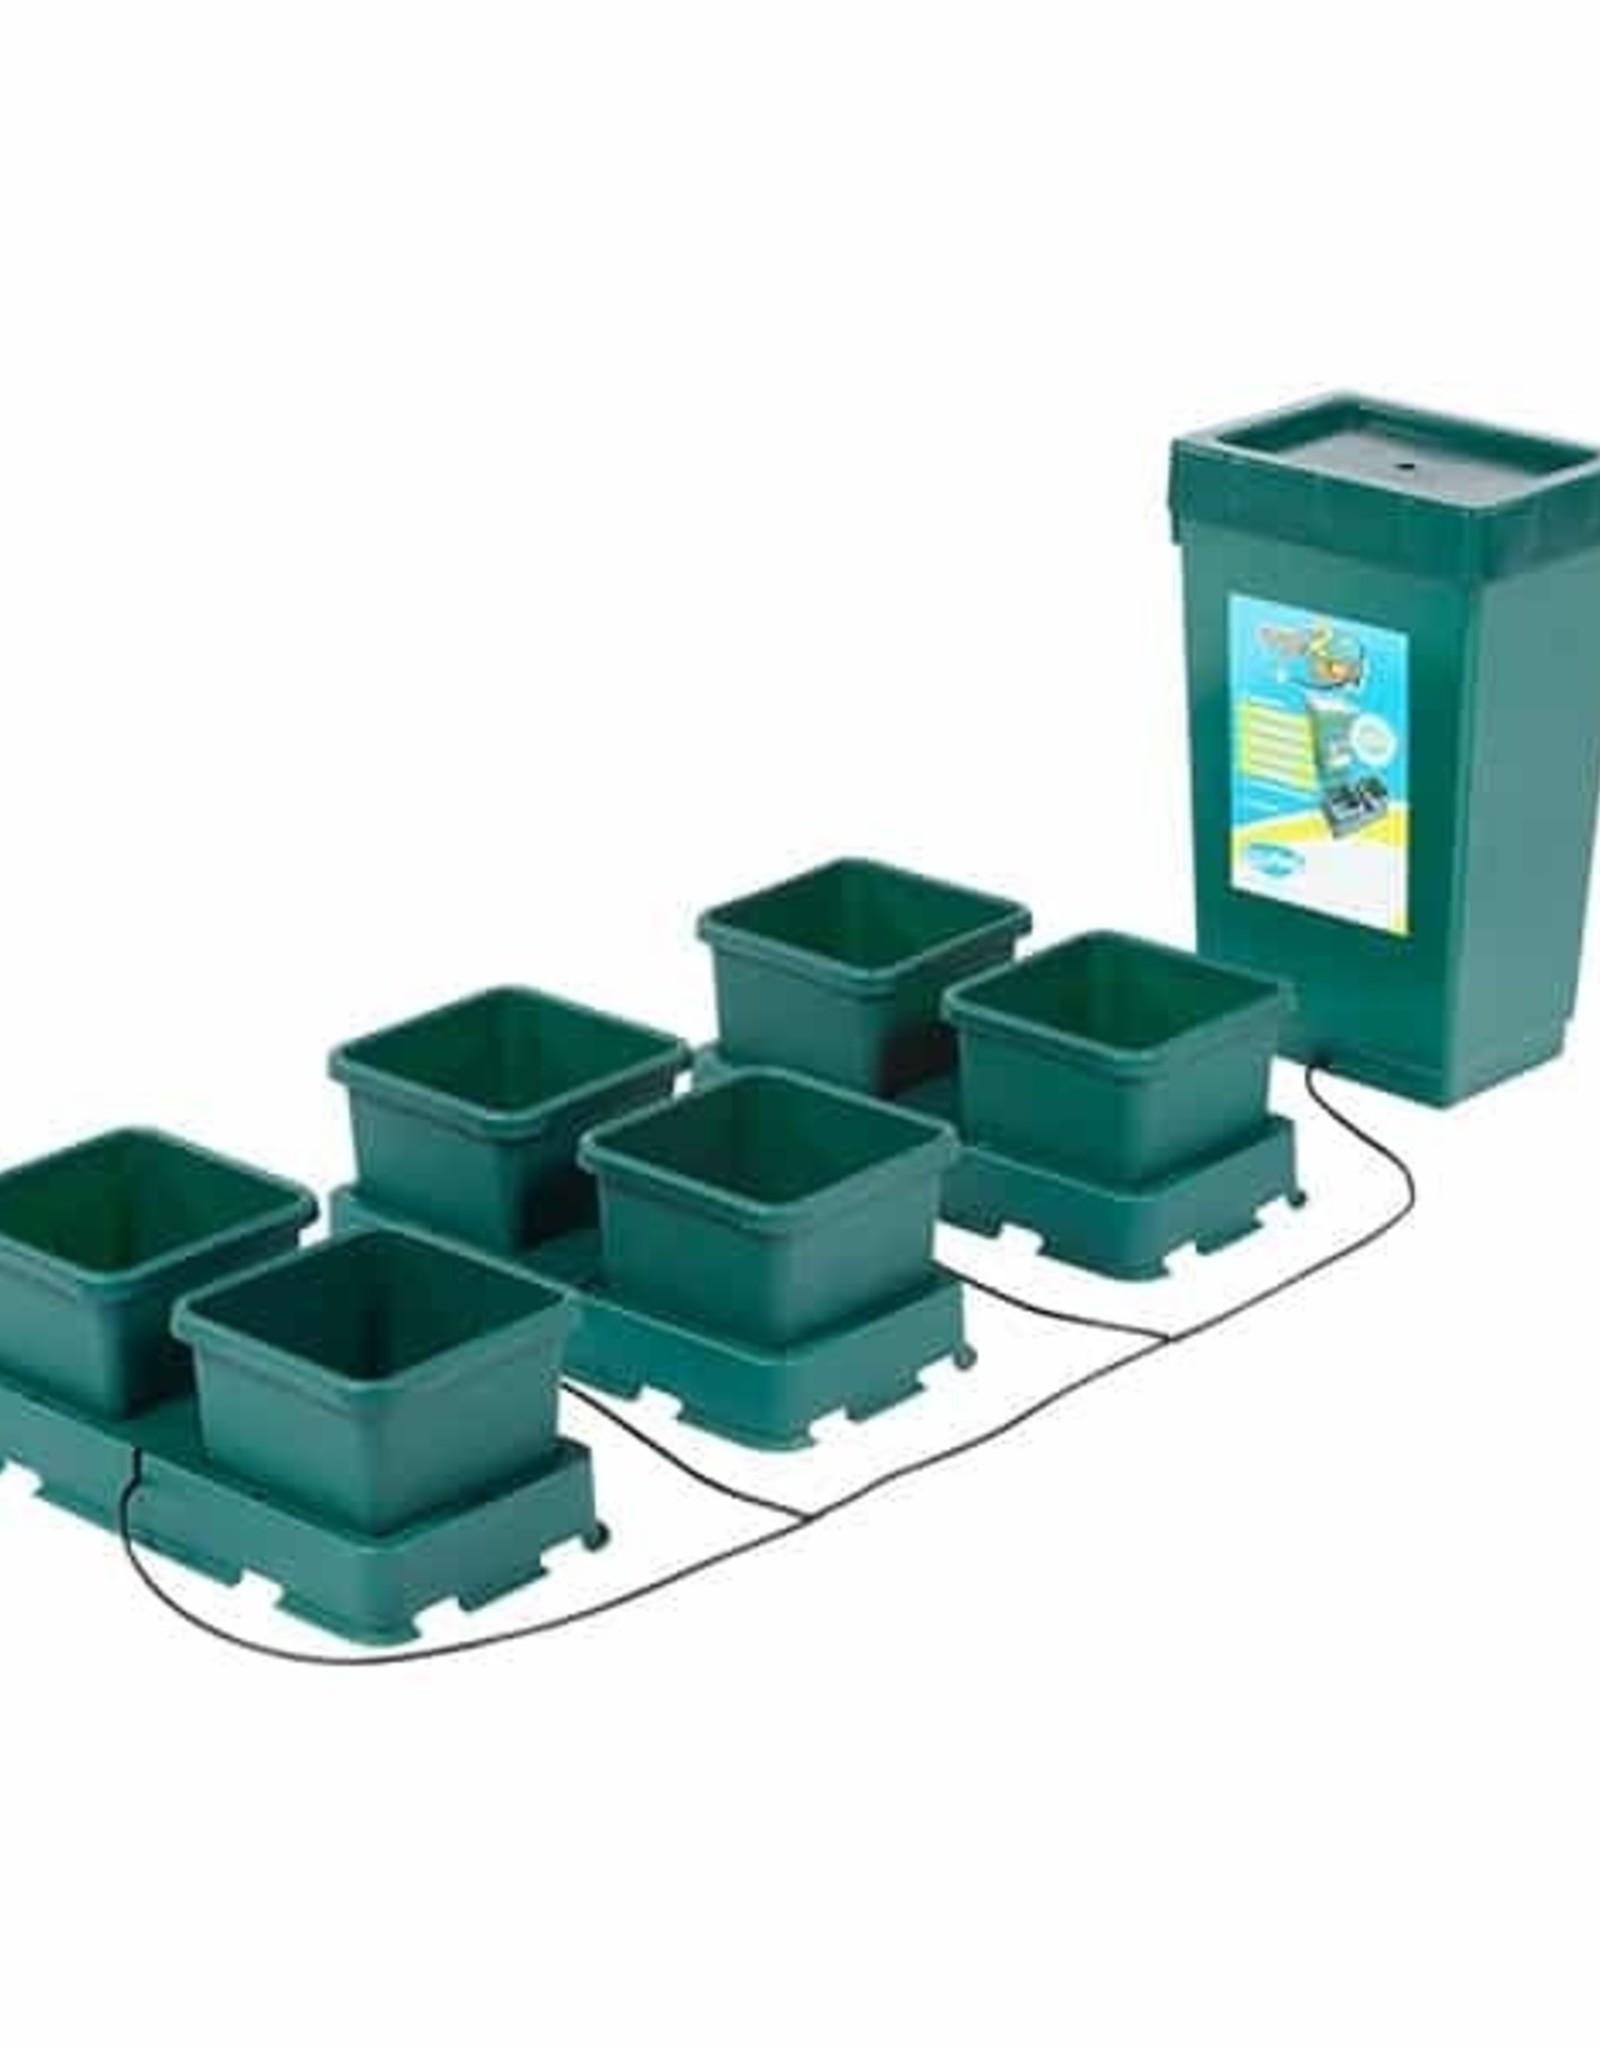 Autopot Easy2Grow Kit 6